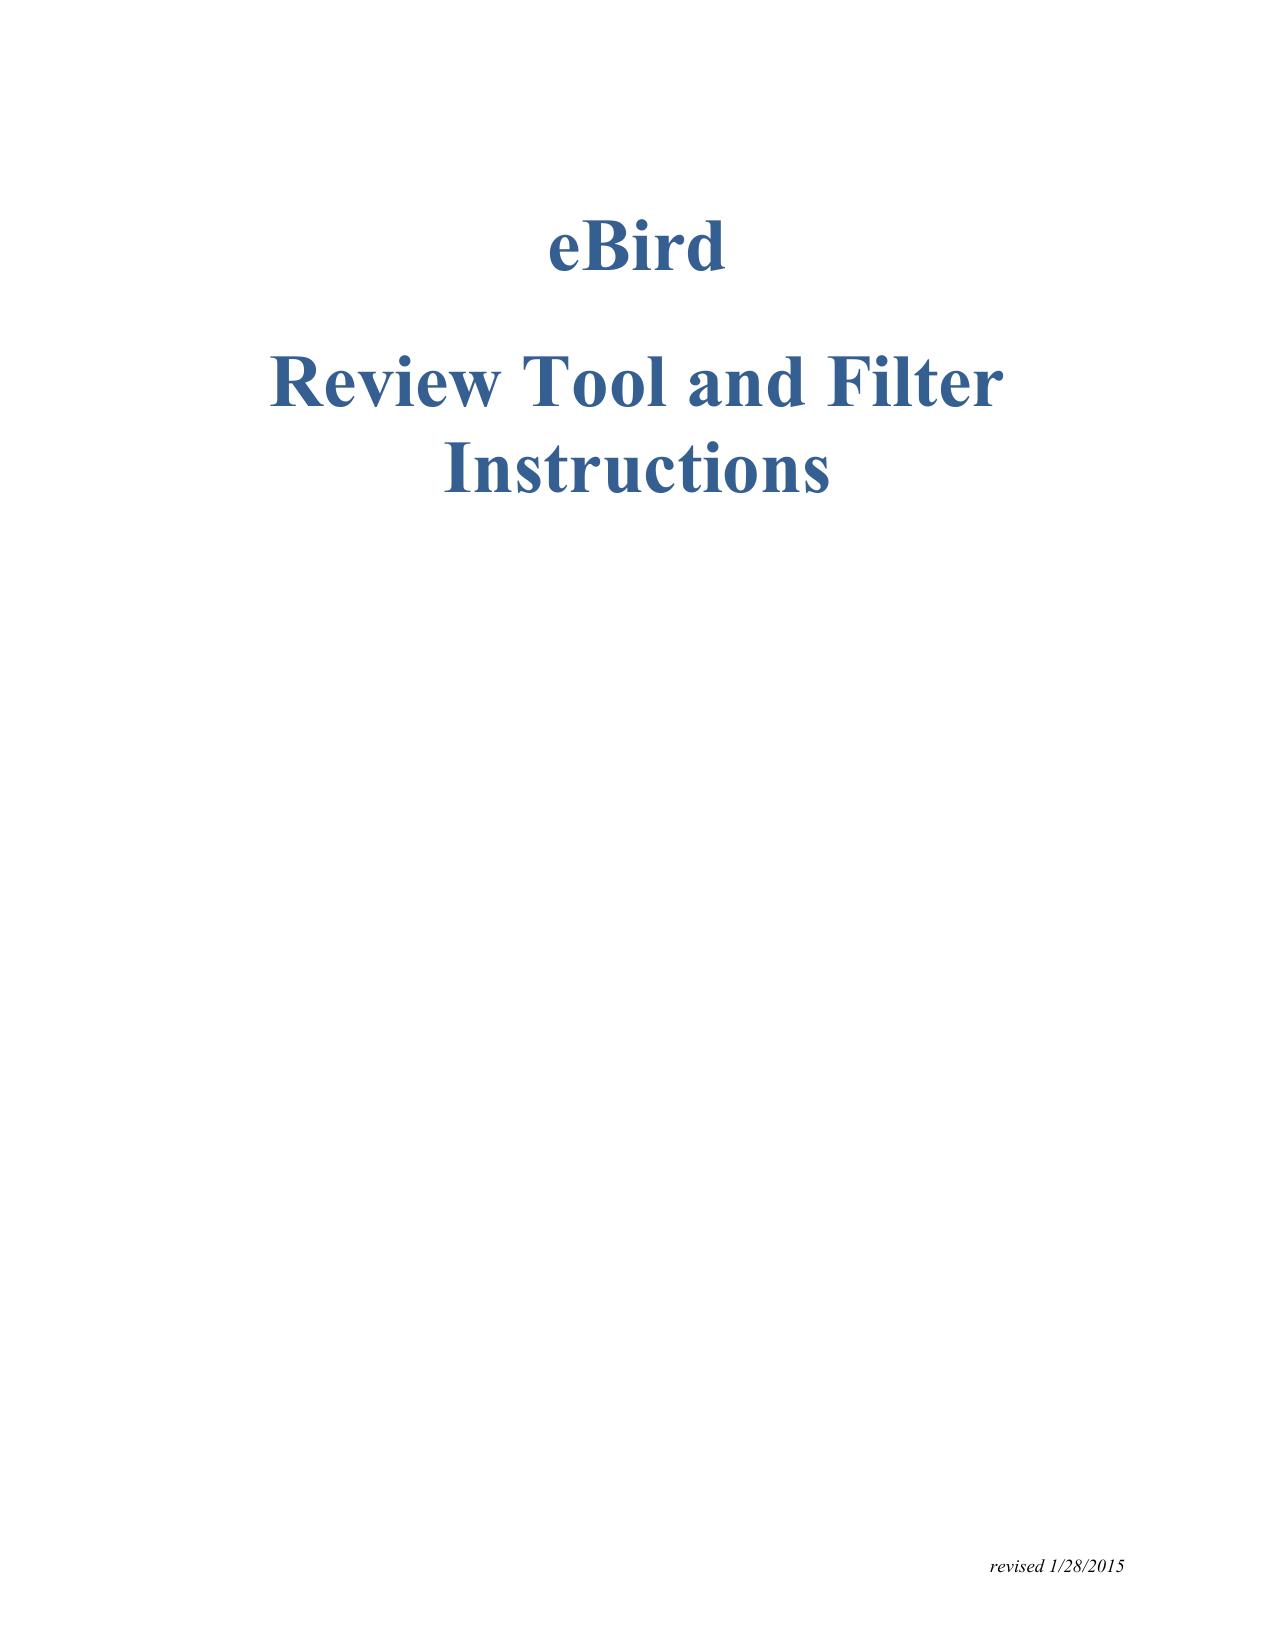 eBird Review Tool and Filter Instructions | manualzz com